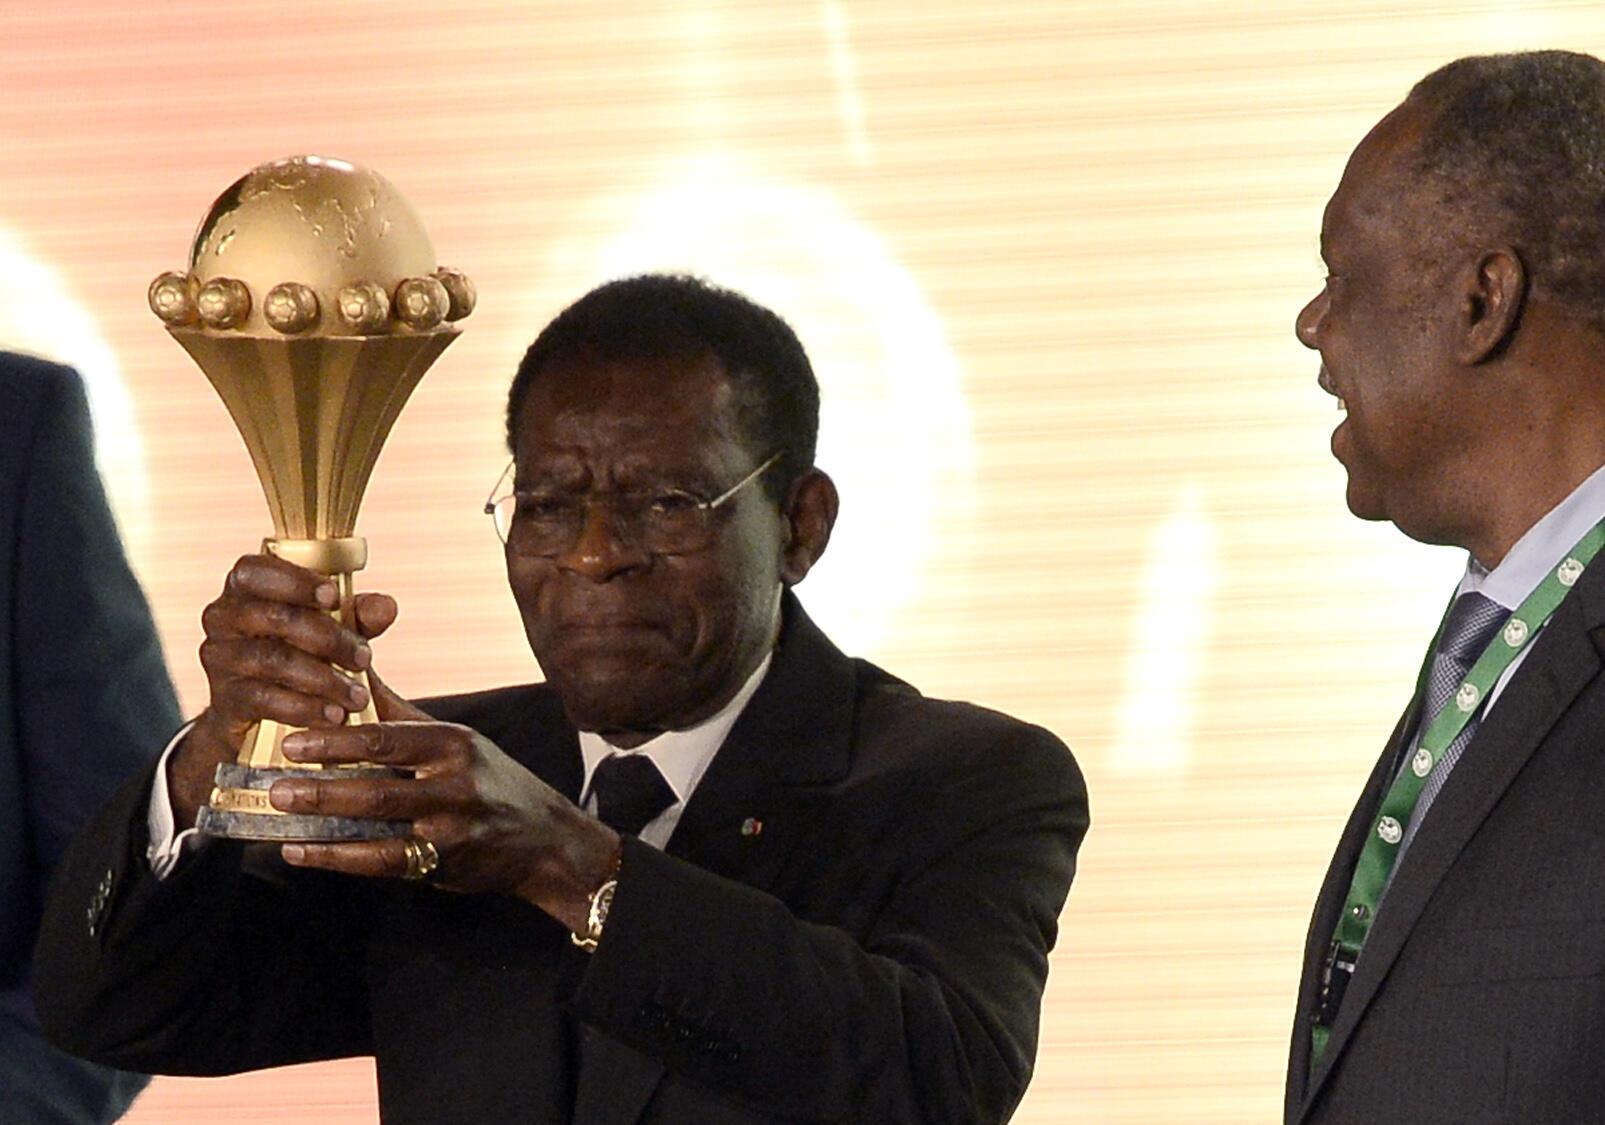 Le chef de l'Etat équato-guinéen, Teodoro Obiang Nguema, soulève le trophée décerné au vainqueur de la Coupe d'Afrique des nations, sous les yeux du président de la Confédération africaine de football, Issa Hayatou, le 3 décembre 2014 à Malabo.